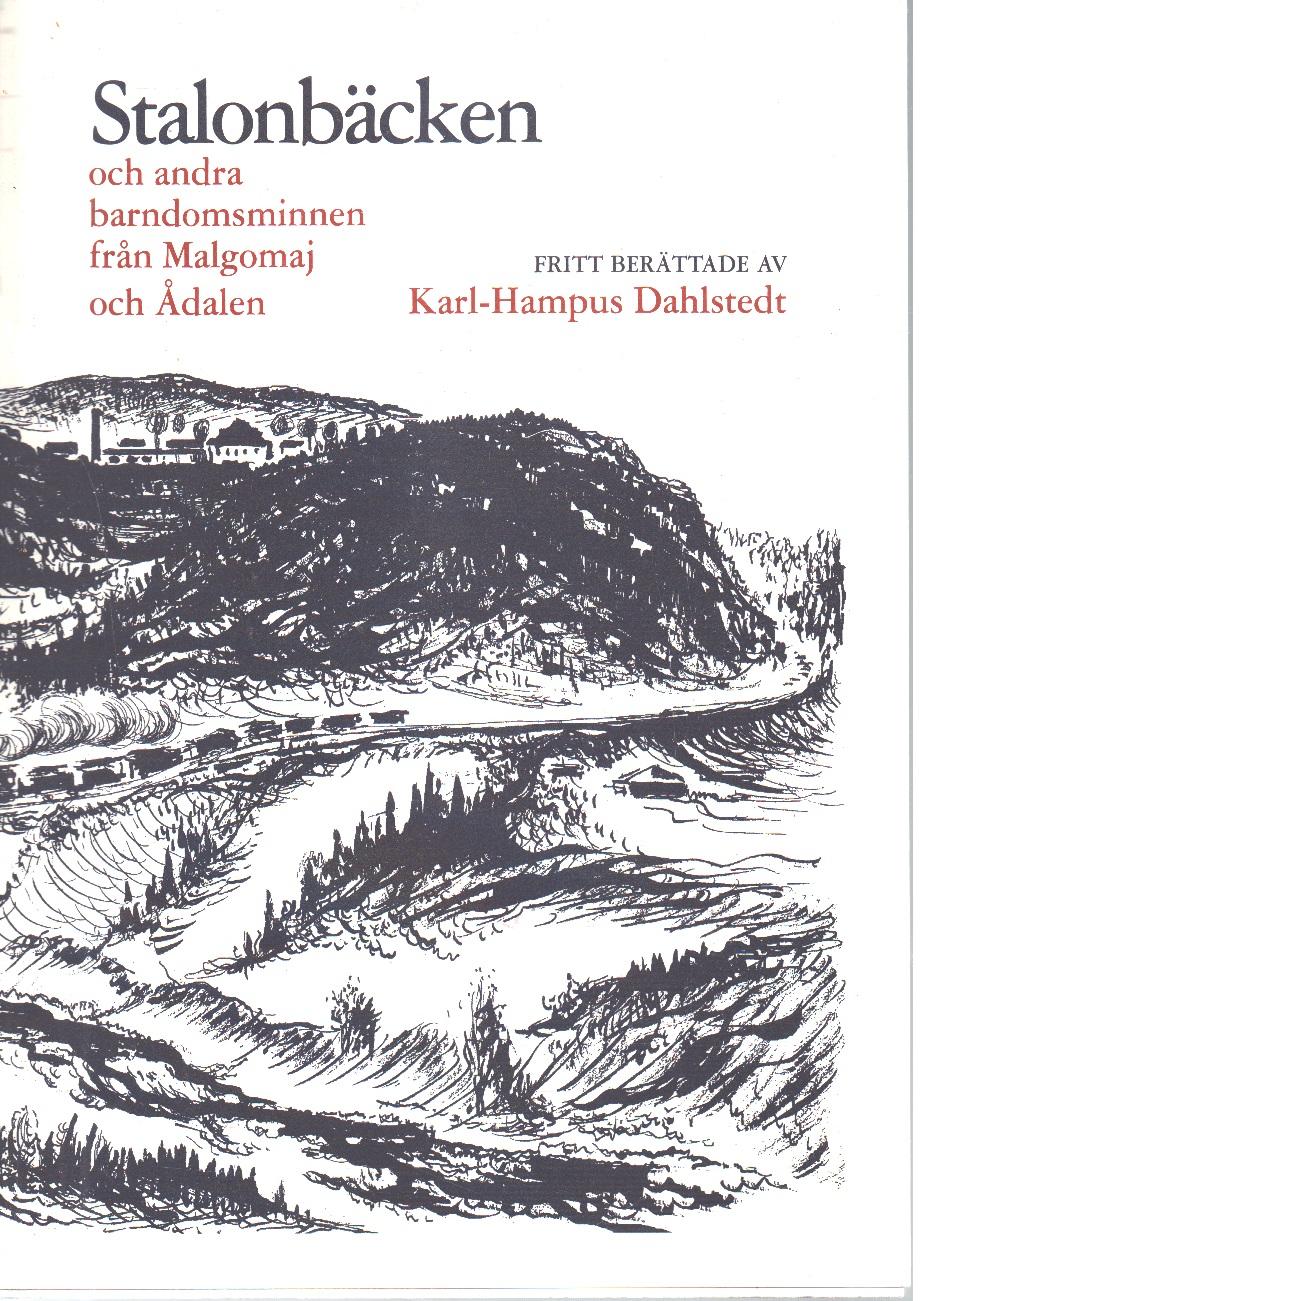 Stalonbäcken och andra barndomsminnen från Malgomaj och Ådalen - Dahlstedt, Karl-Hampus